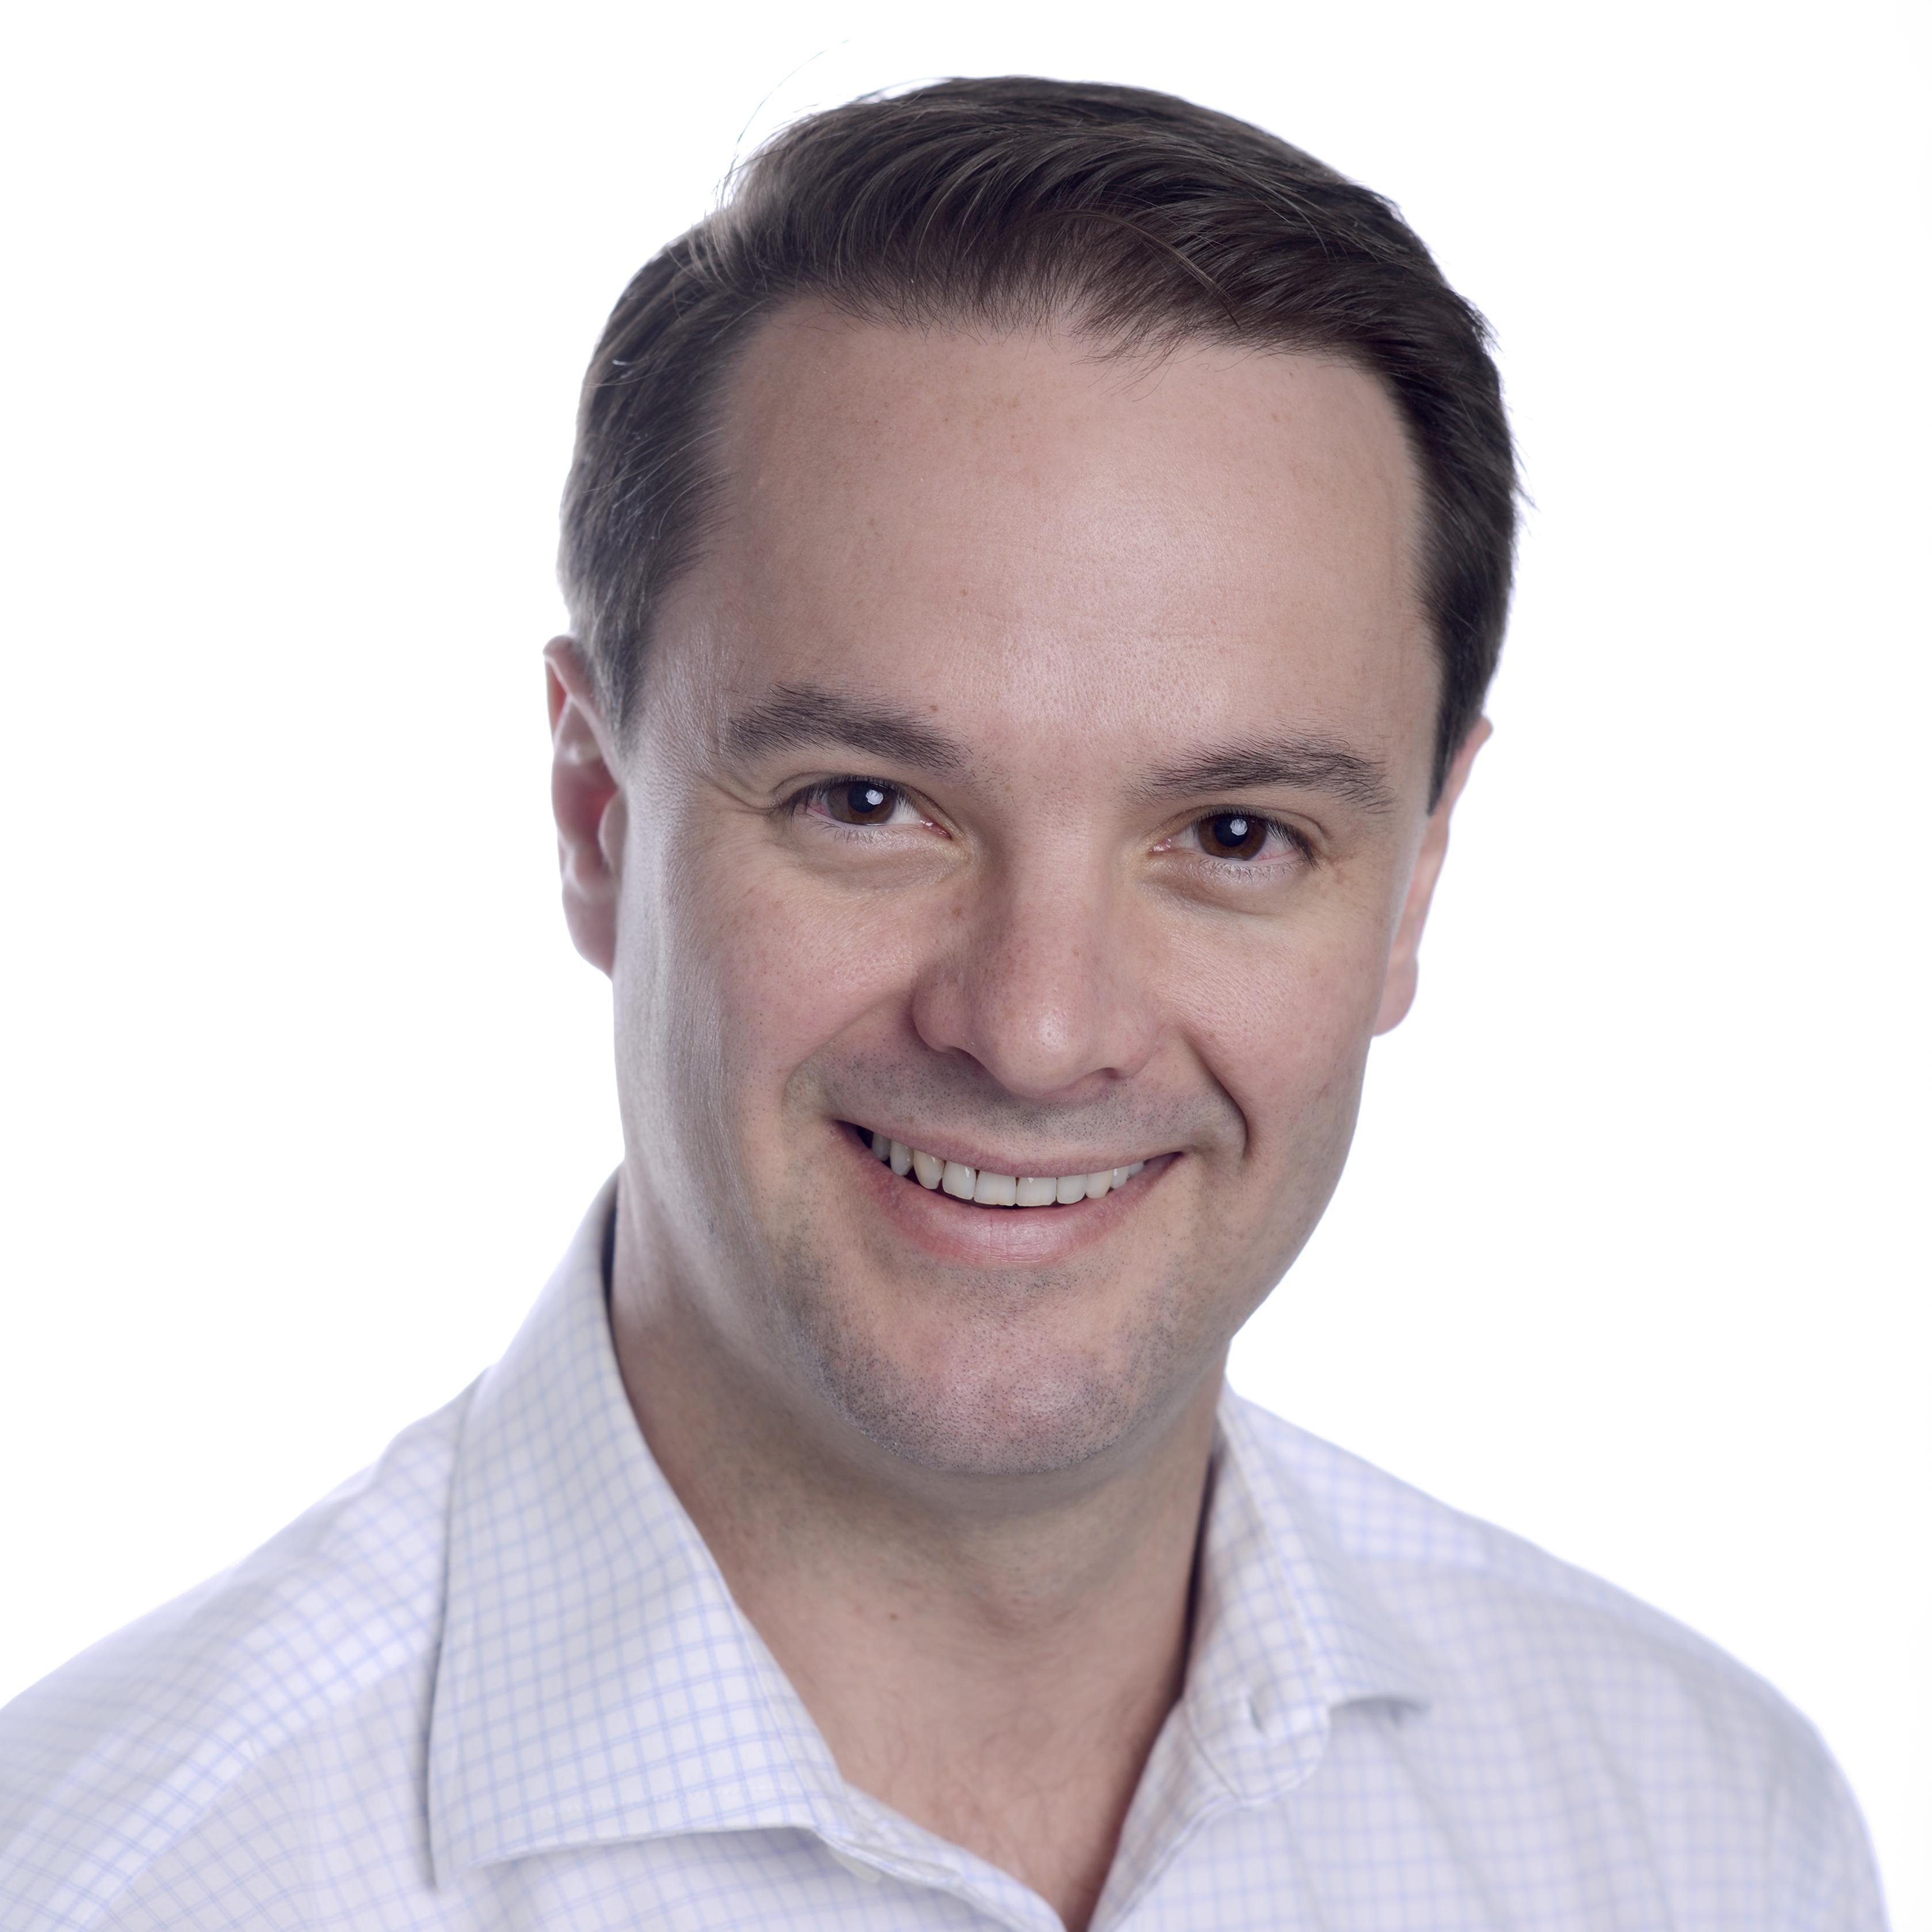 Dr. Simon Kos, MBBS, BSc, MBA